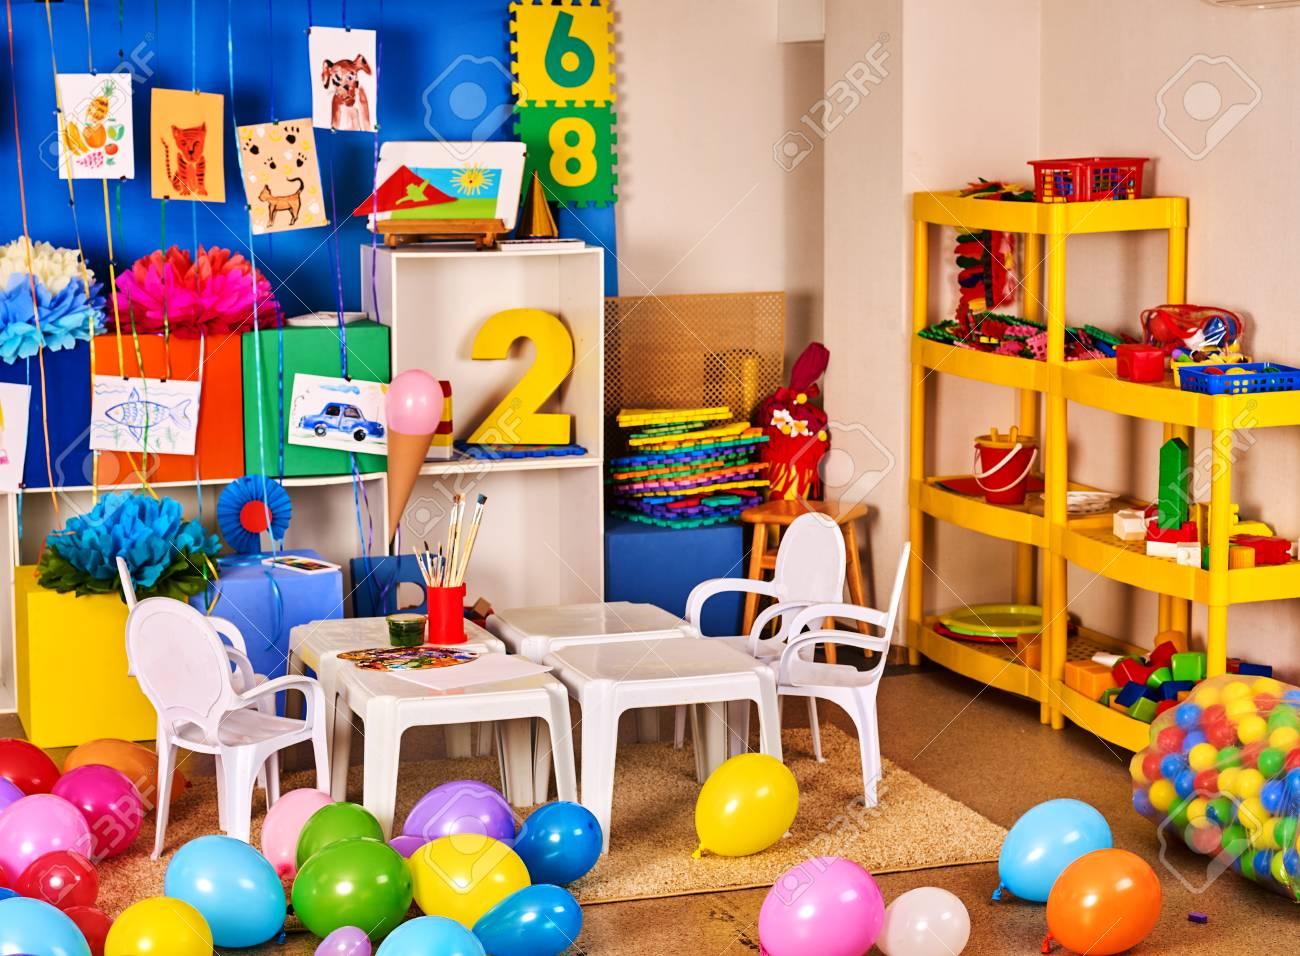 Jardin De Infancia Decoracion Interior De La Pared De Imagen Nino